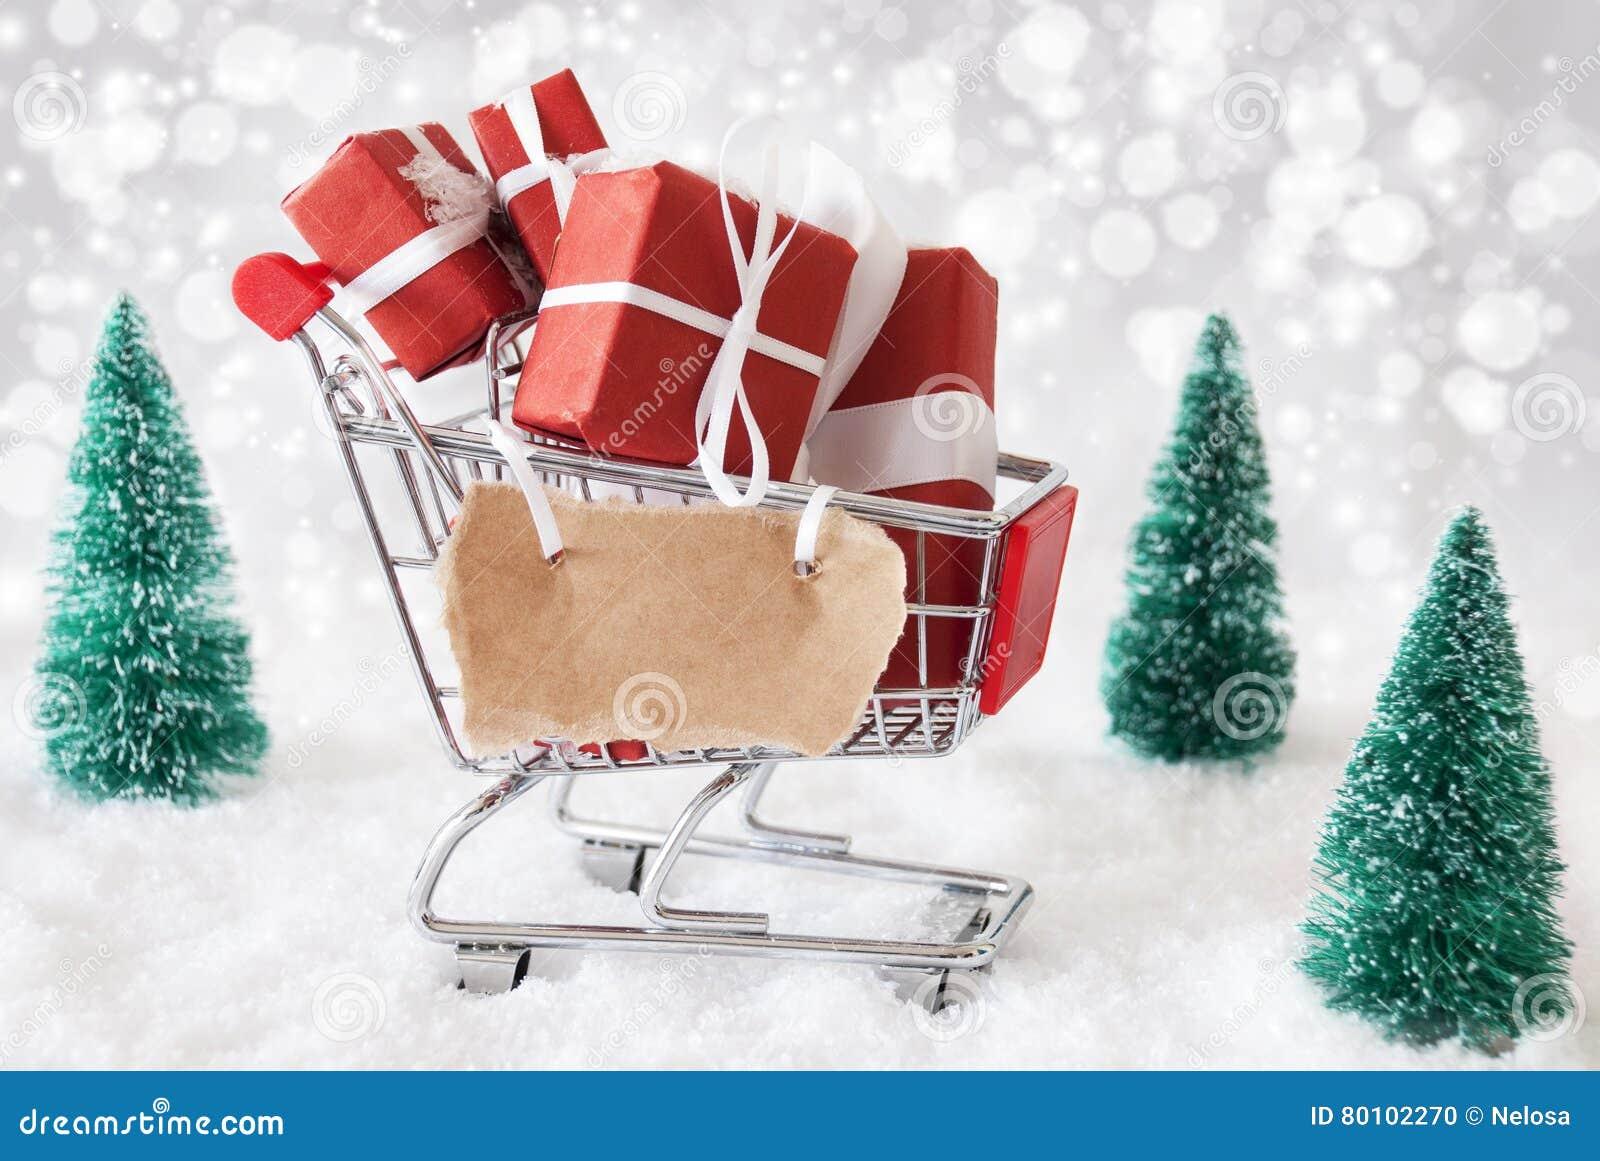 Trole com presentes do Natal e neve, espaço da cópia